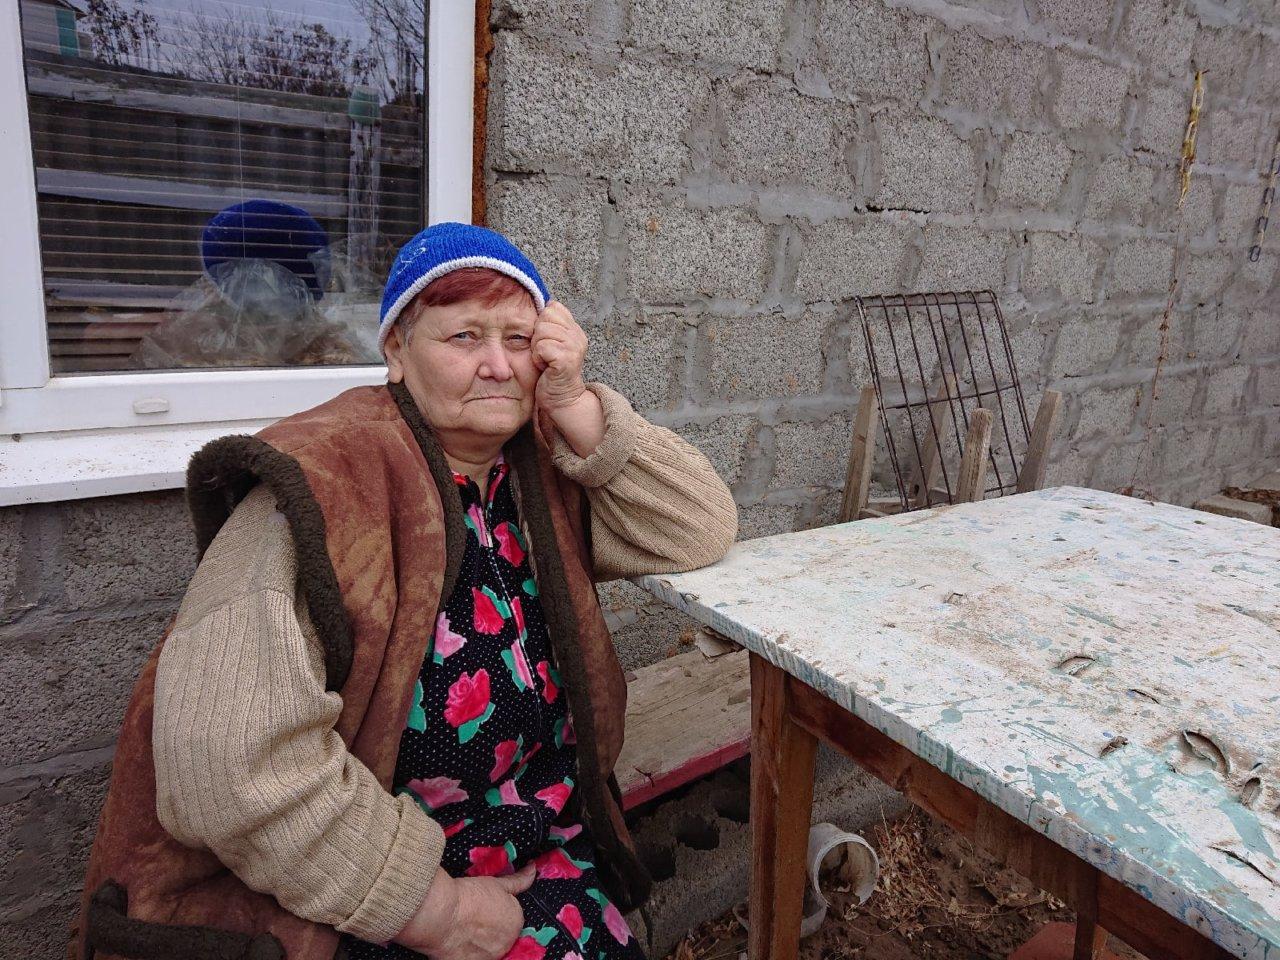 Астраханской пенсионерке незаконно выставили счет на 870 тысяч рублей за электричество